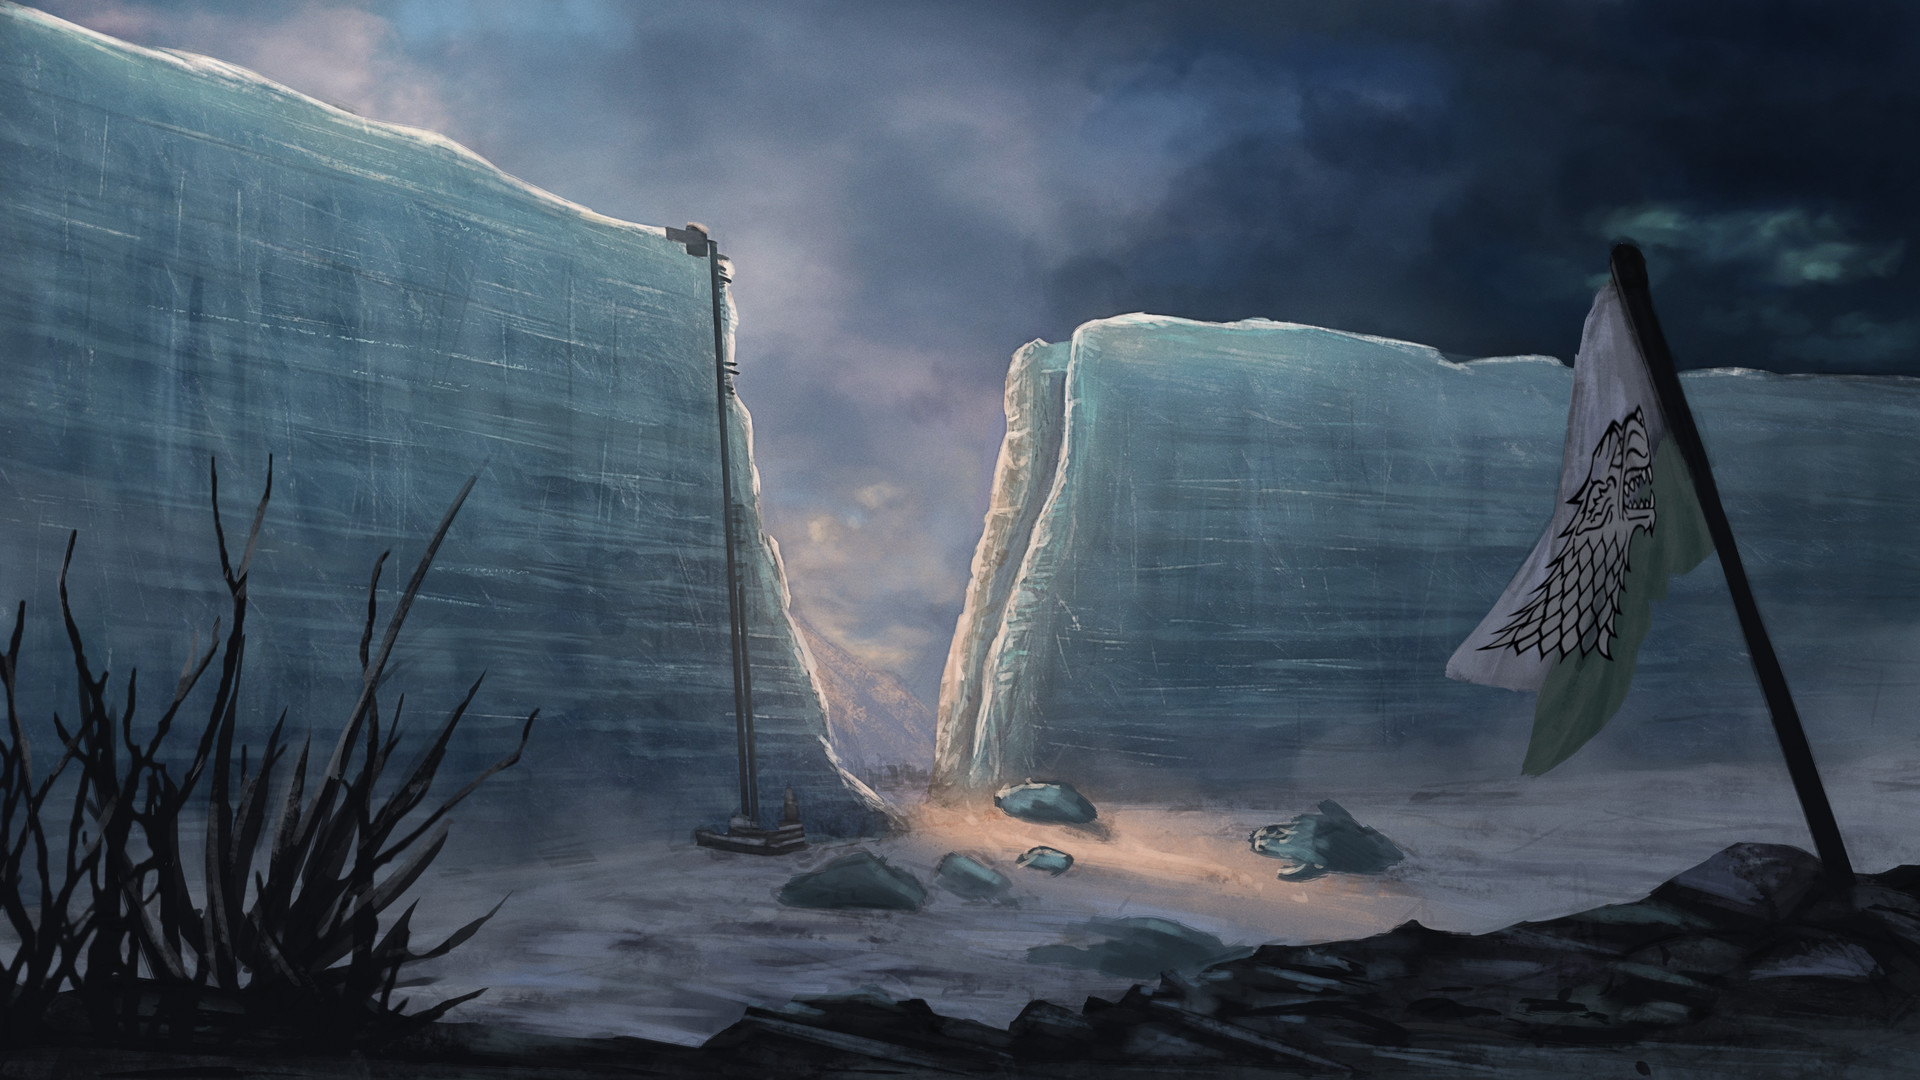 Daniel ang the broken wall v006